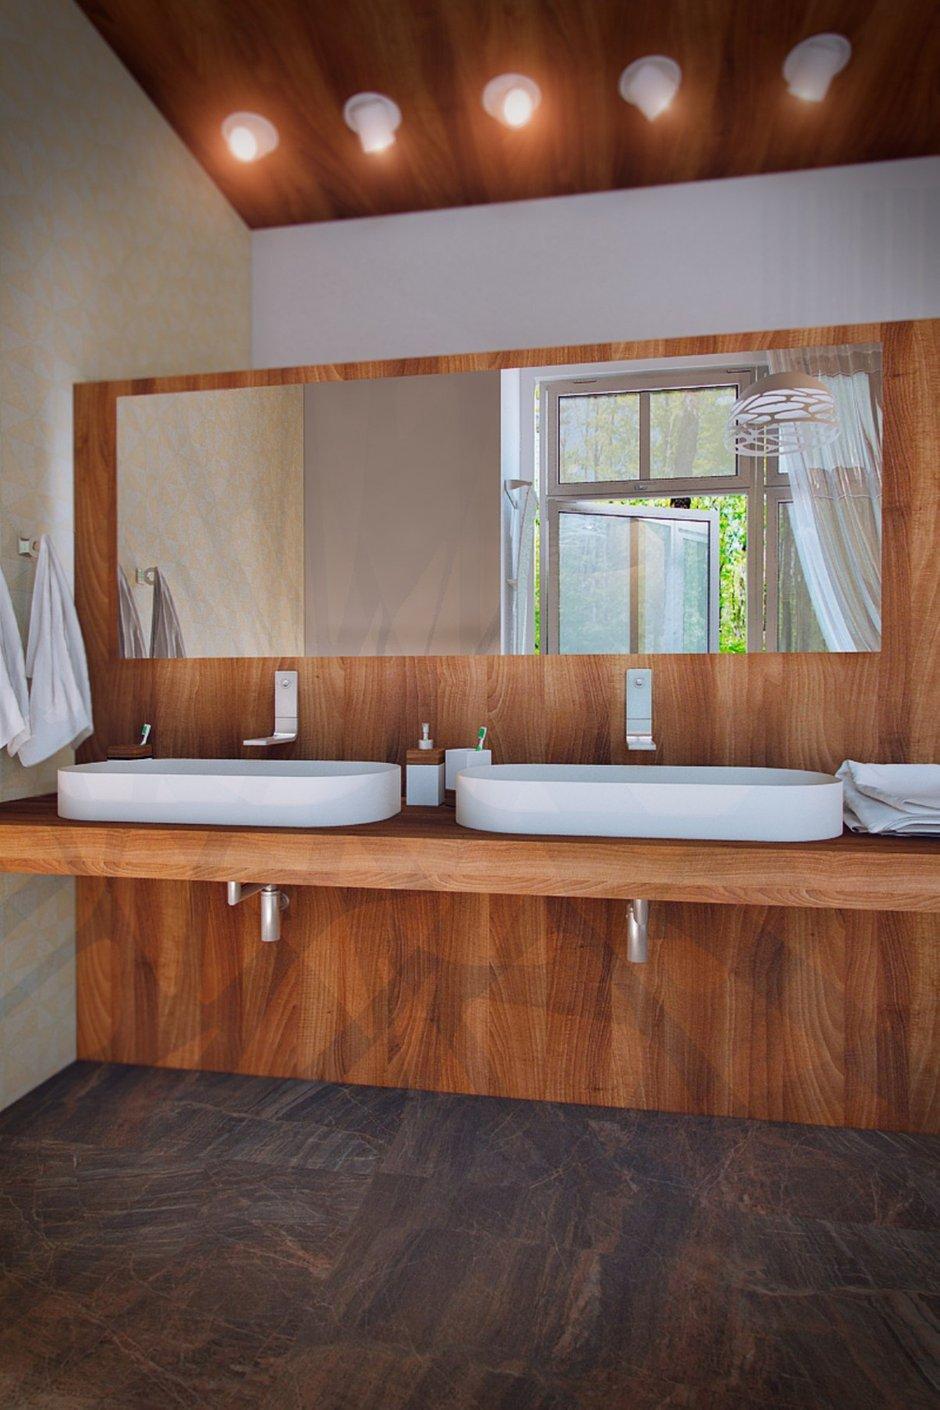 Фотография: Ванная в стиле Лофт, Эклектика, Дом, Минимализм, Проект недели, Эко – фото на INMYROOM